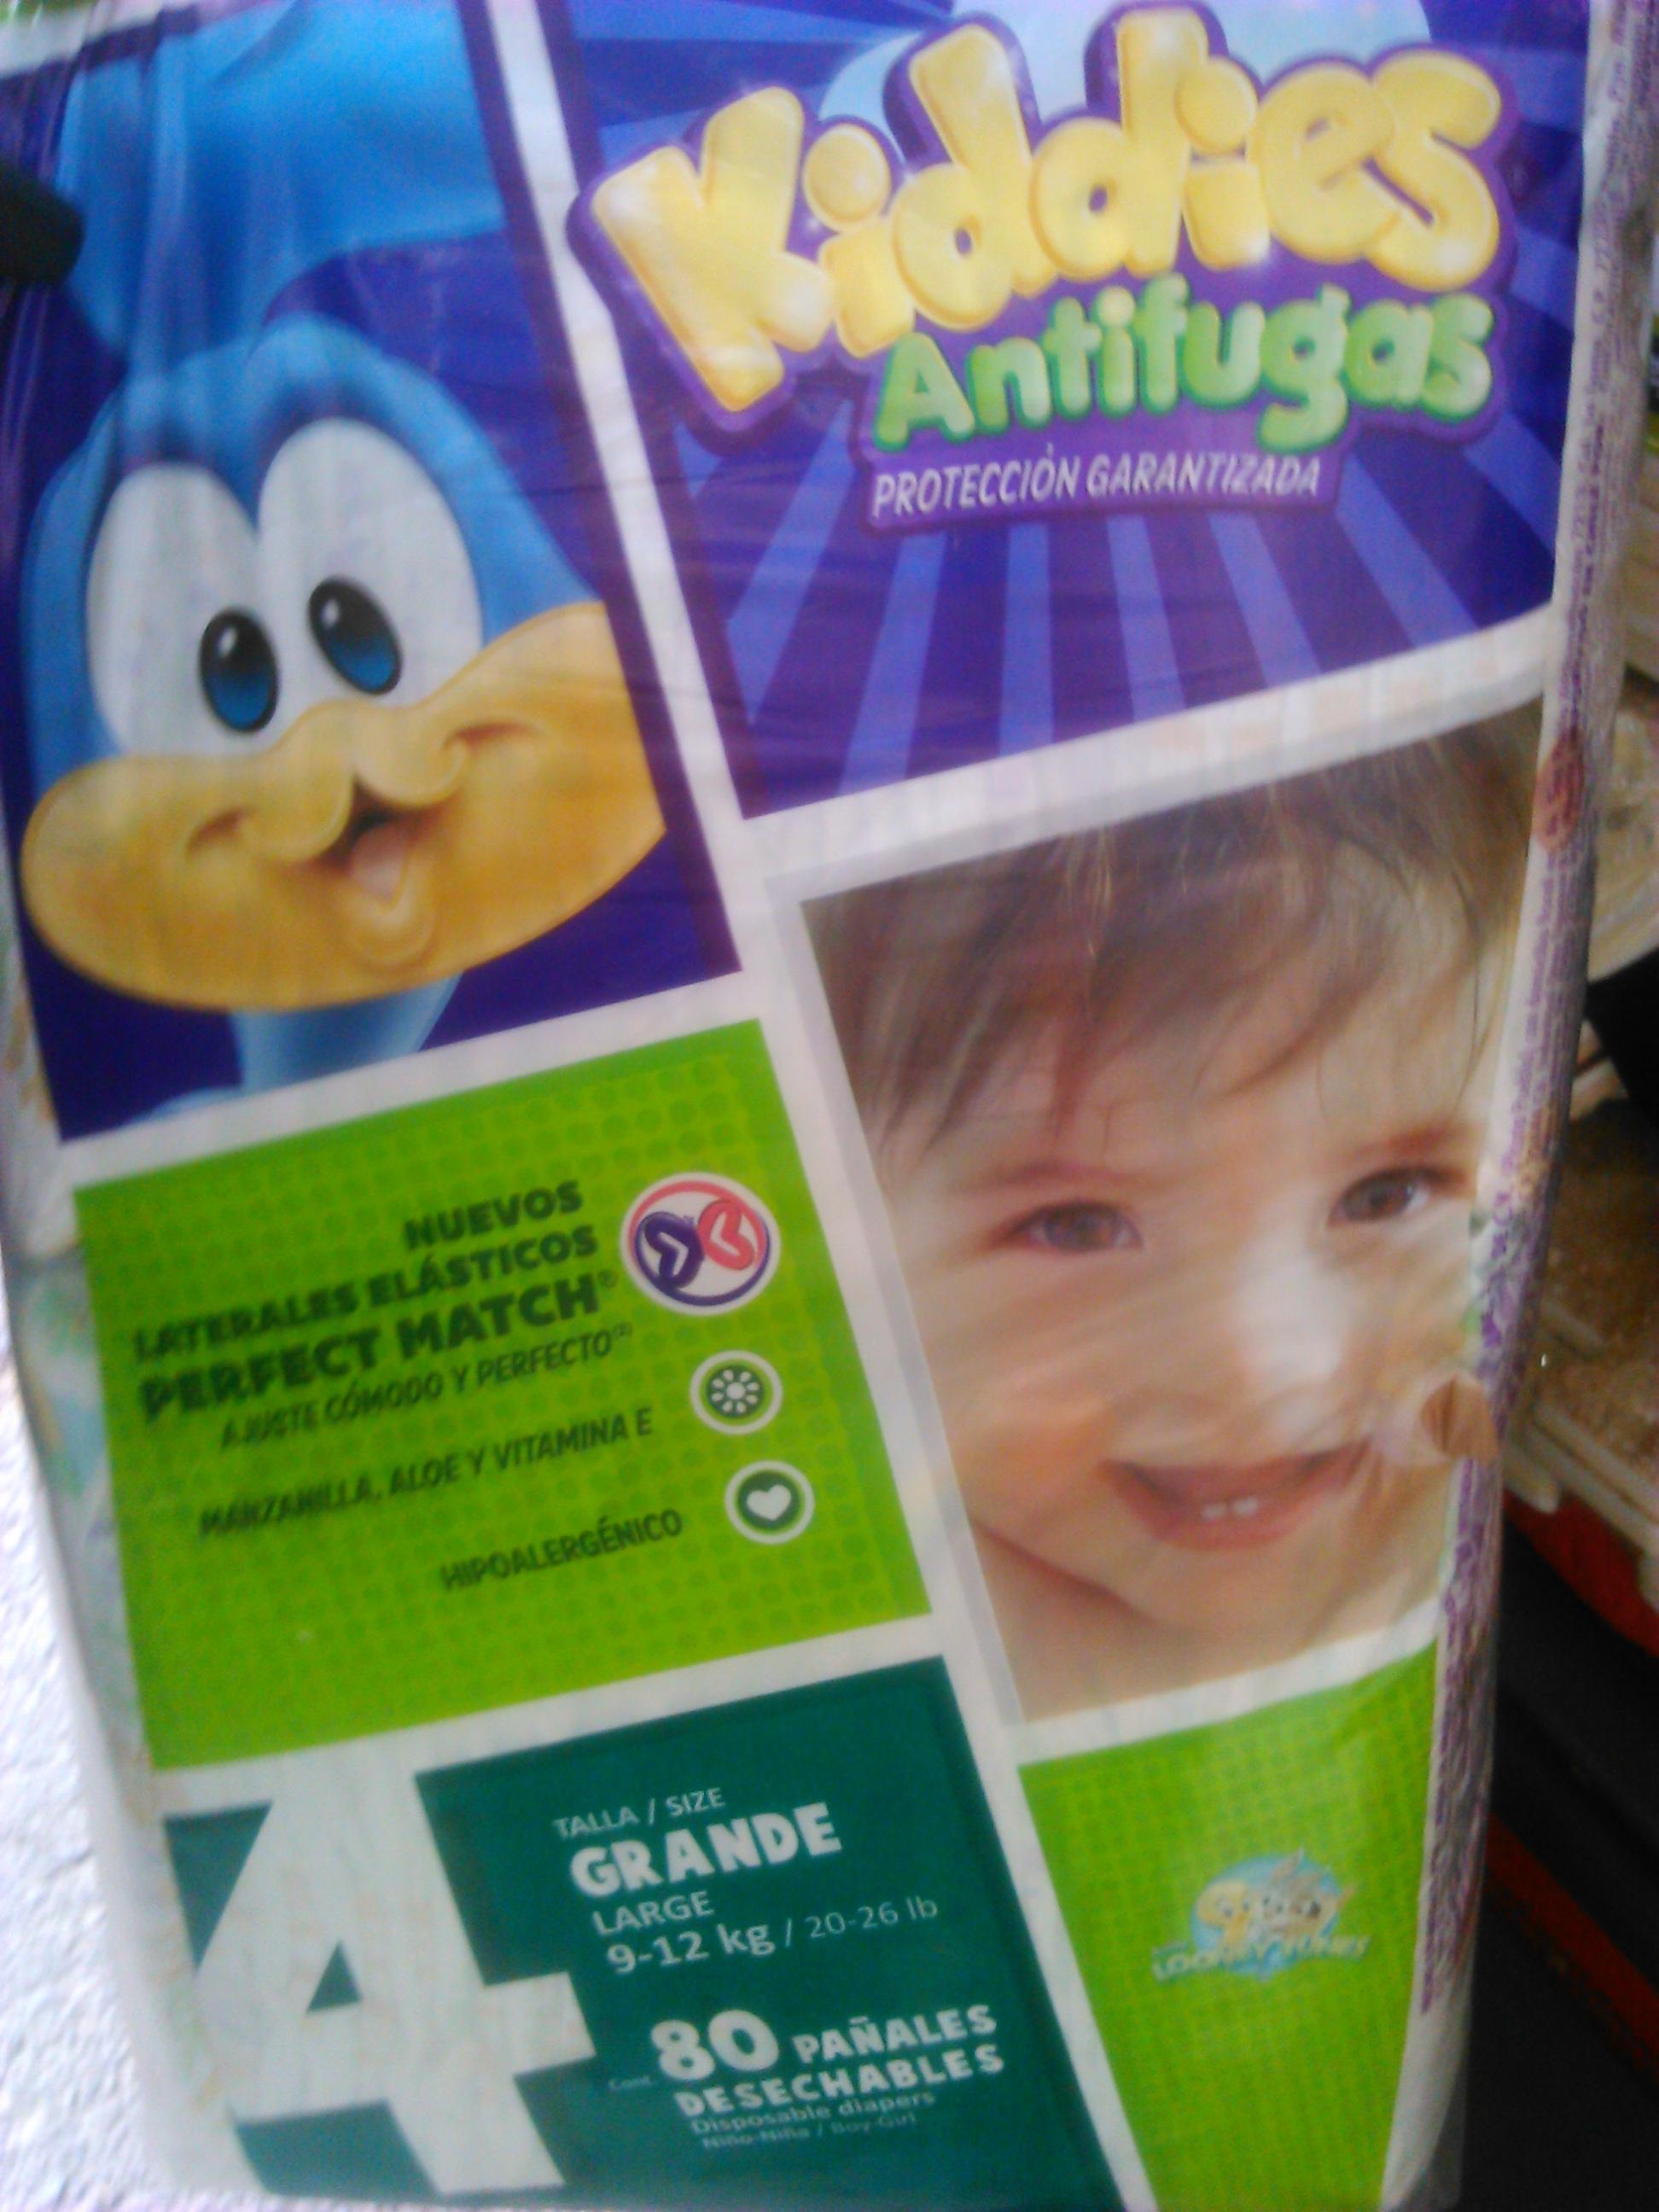 Farmacias Benavides: 80 pañales kiddies antifugas